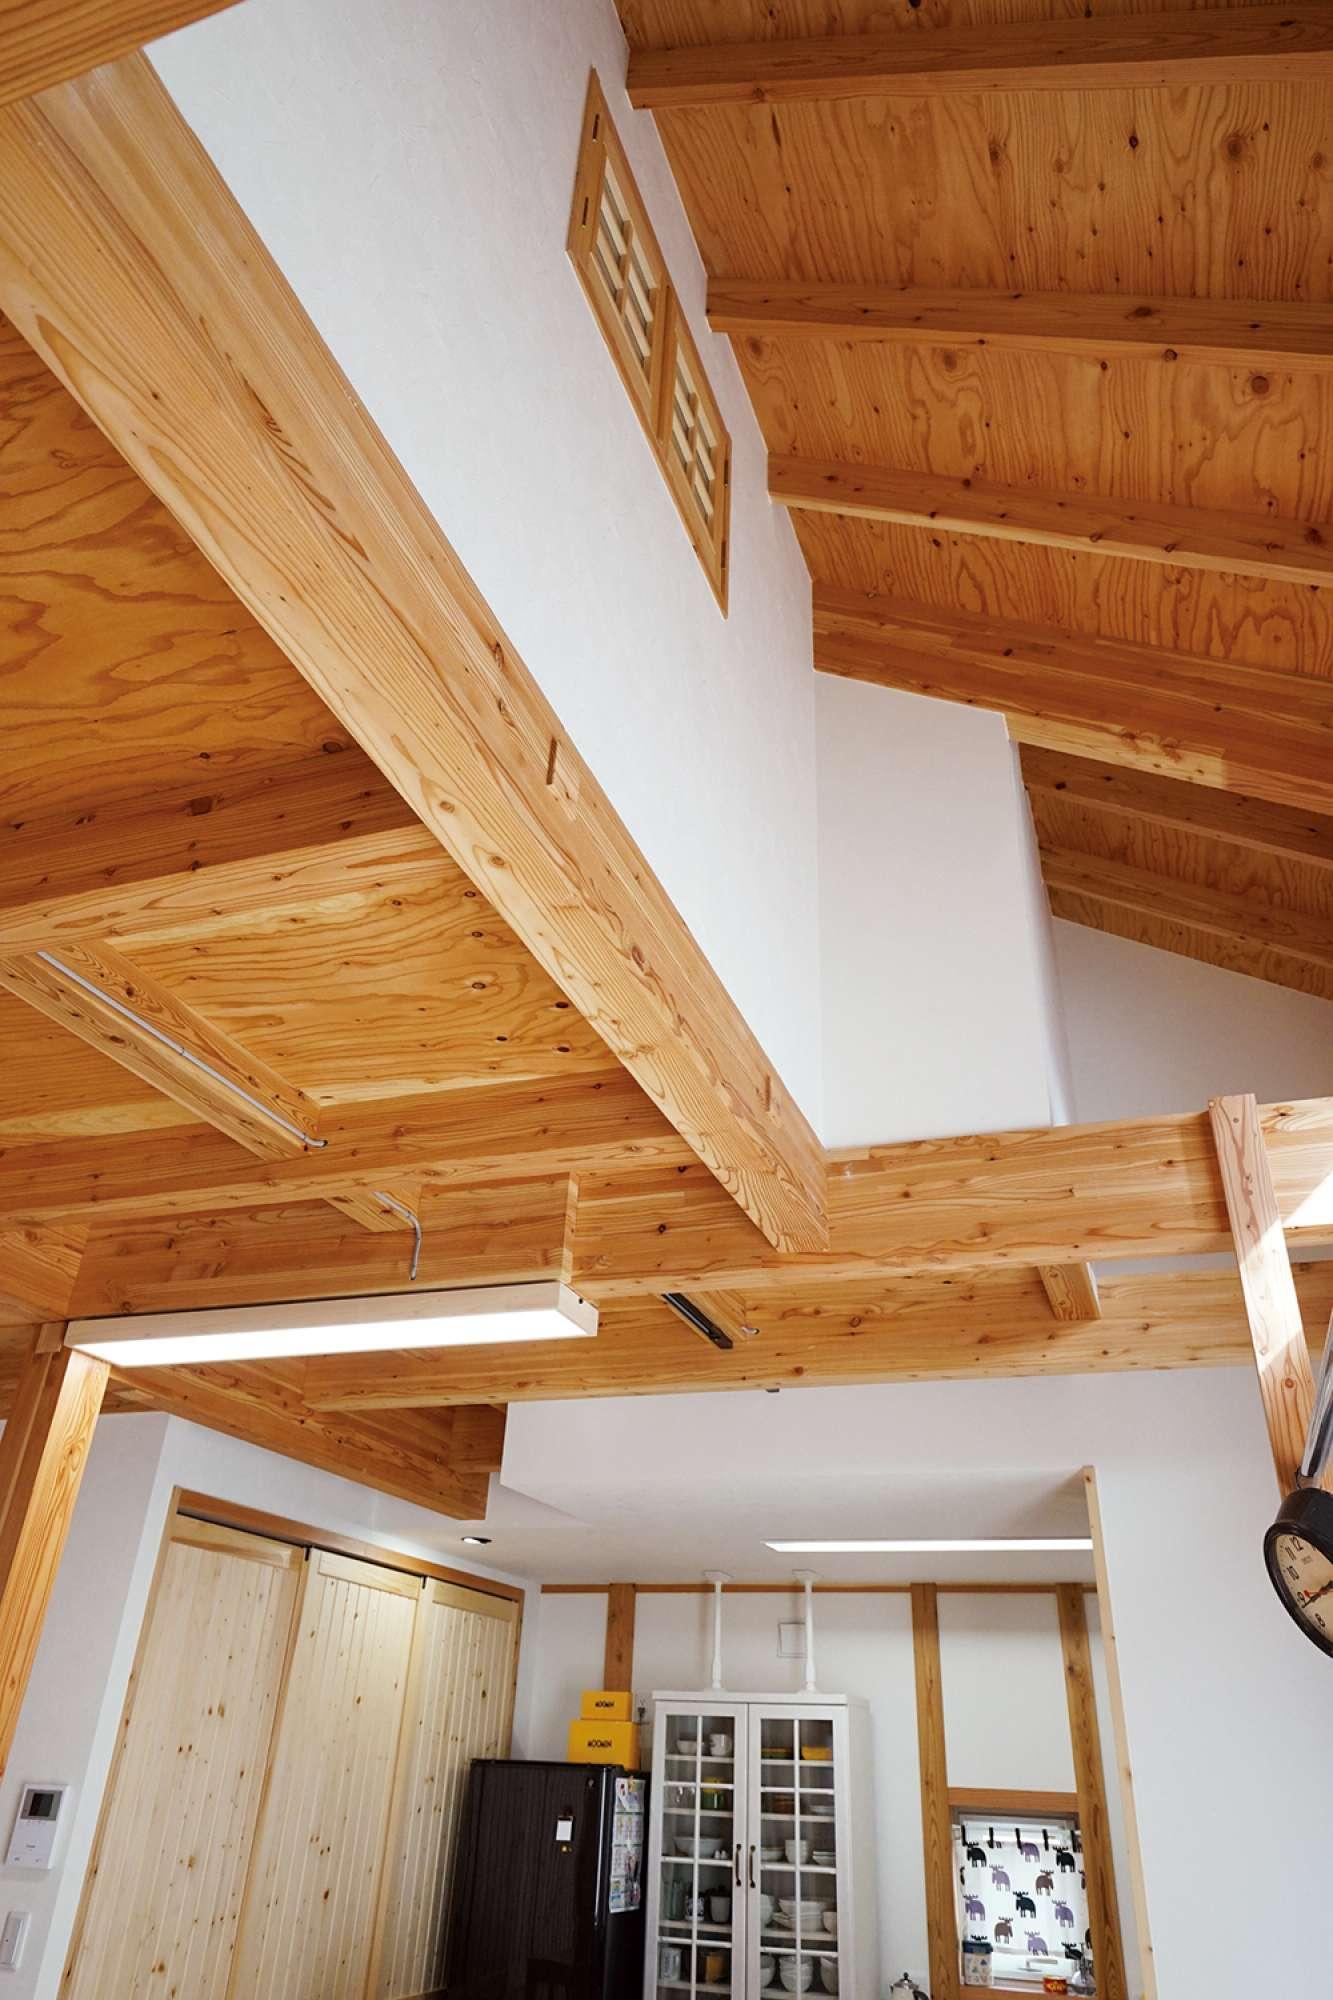 リビングに吹抜けを採用、2階は天井の低いコンパクト設計 -  -  -